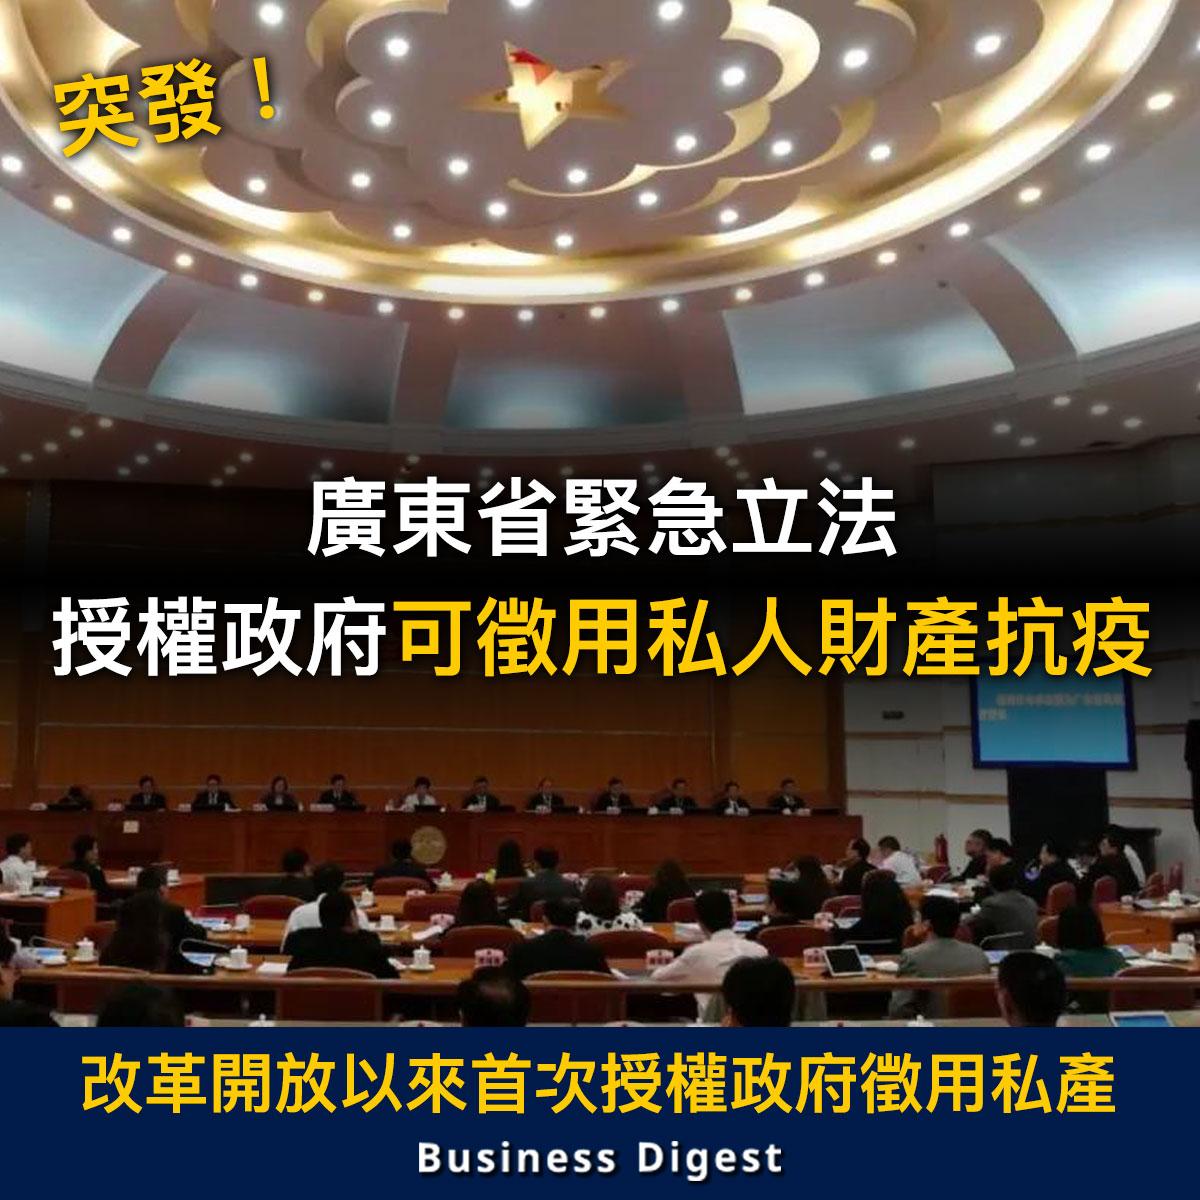 【武漢肺炎】廣東省緊急立法授權政府可徵用私人財產抗疫